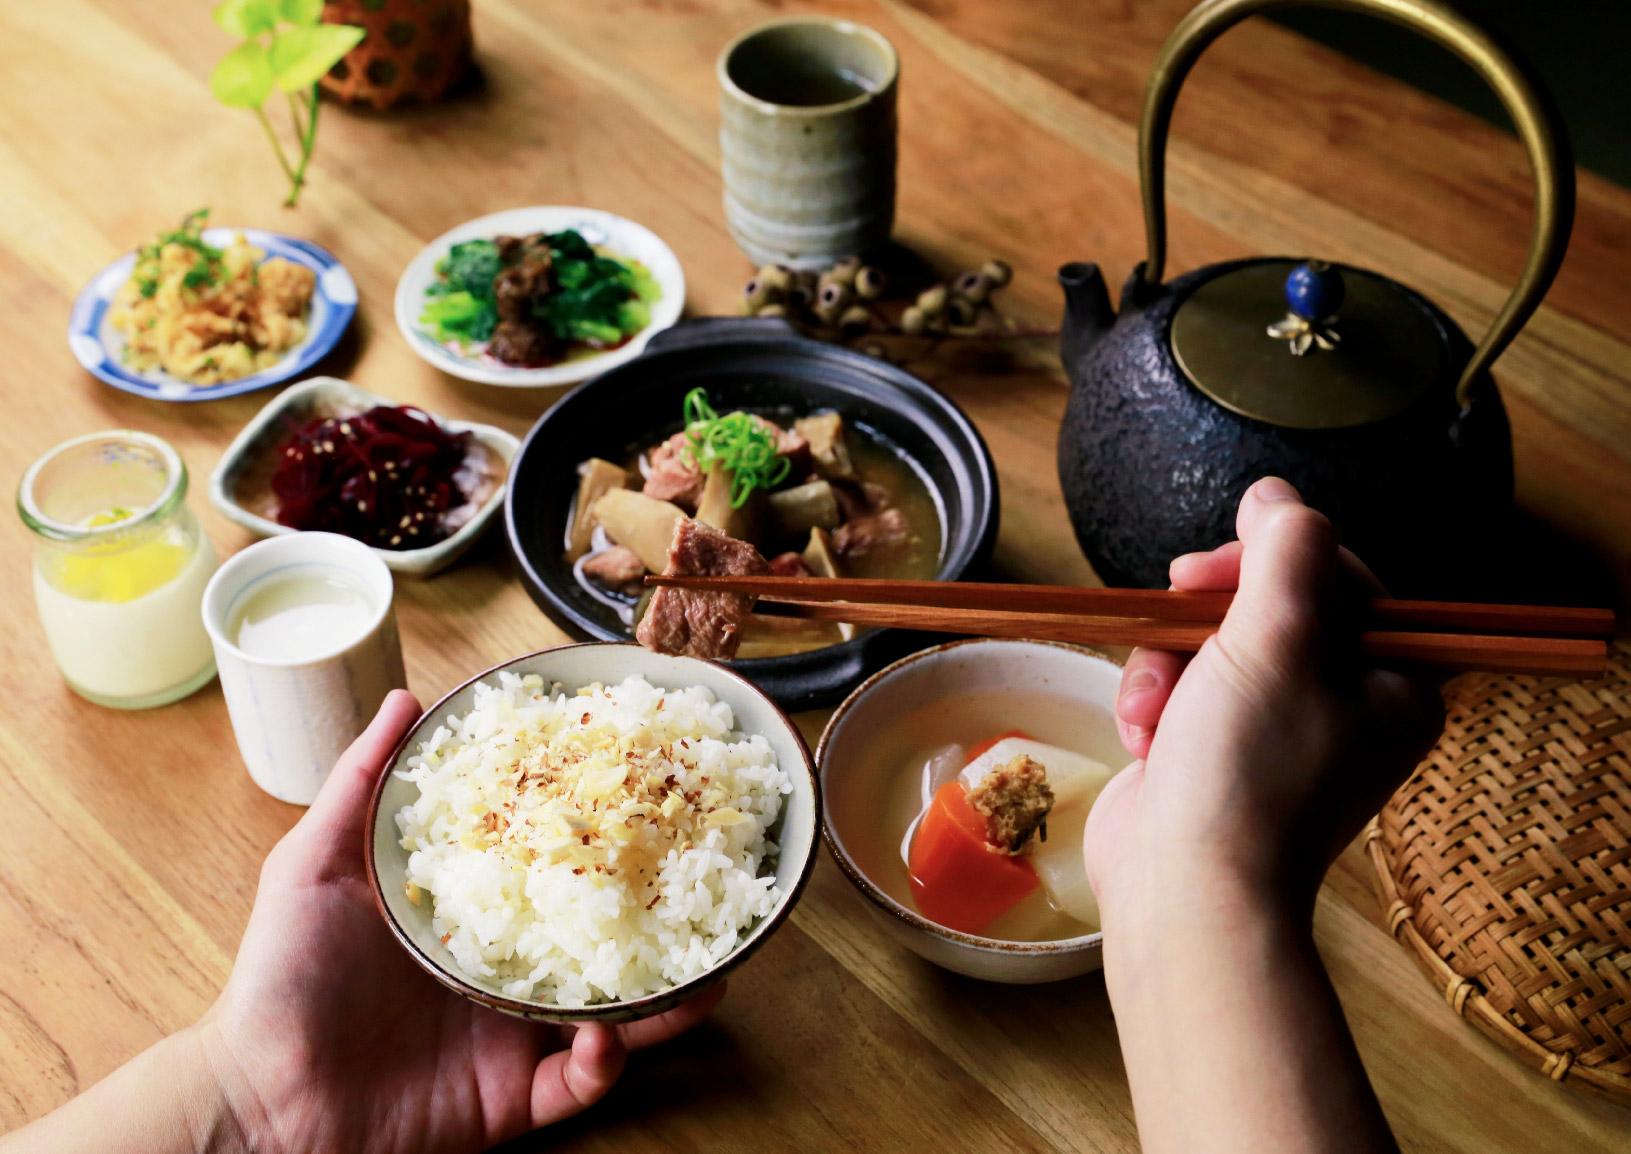 自家味噌野菇燉肉 以禾乃川手作味噌與味噌溜熬煮醬汁,加入豬肉與時令野菇細火慢燉,最後撒上青蔥點綴。 | 甘樂食堂 | 古厝裡的美味時光